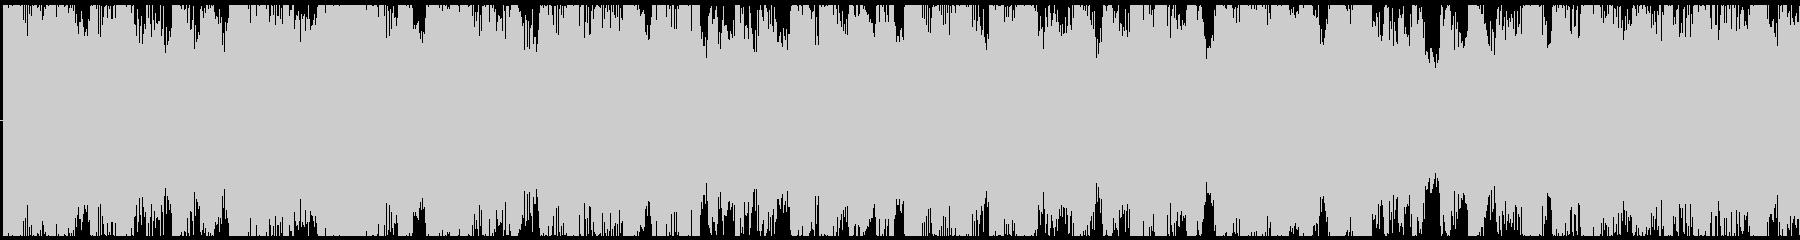 気分が上がるクリスマスBGM-ループ4の未再生の波形